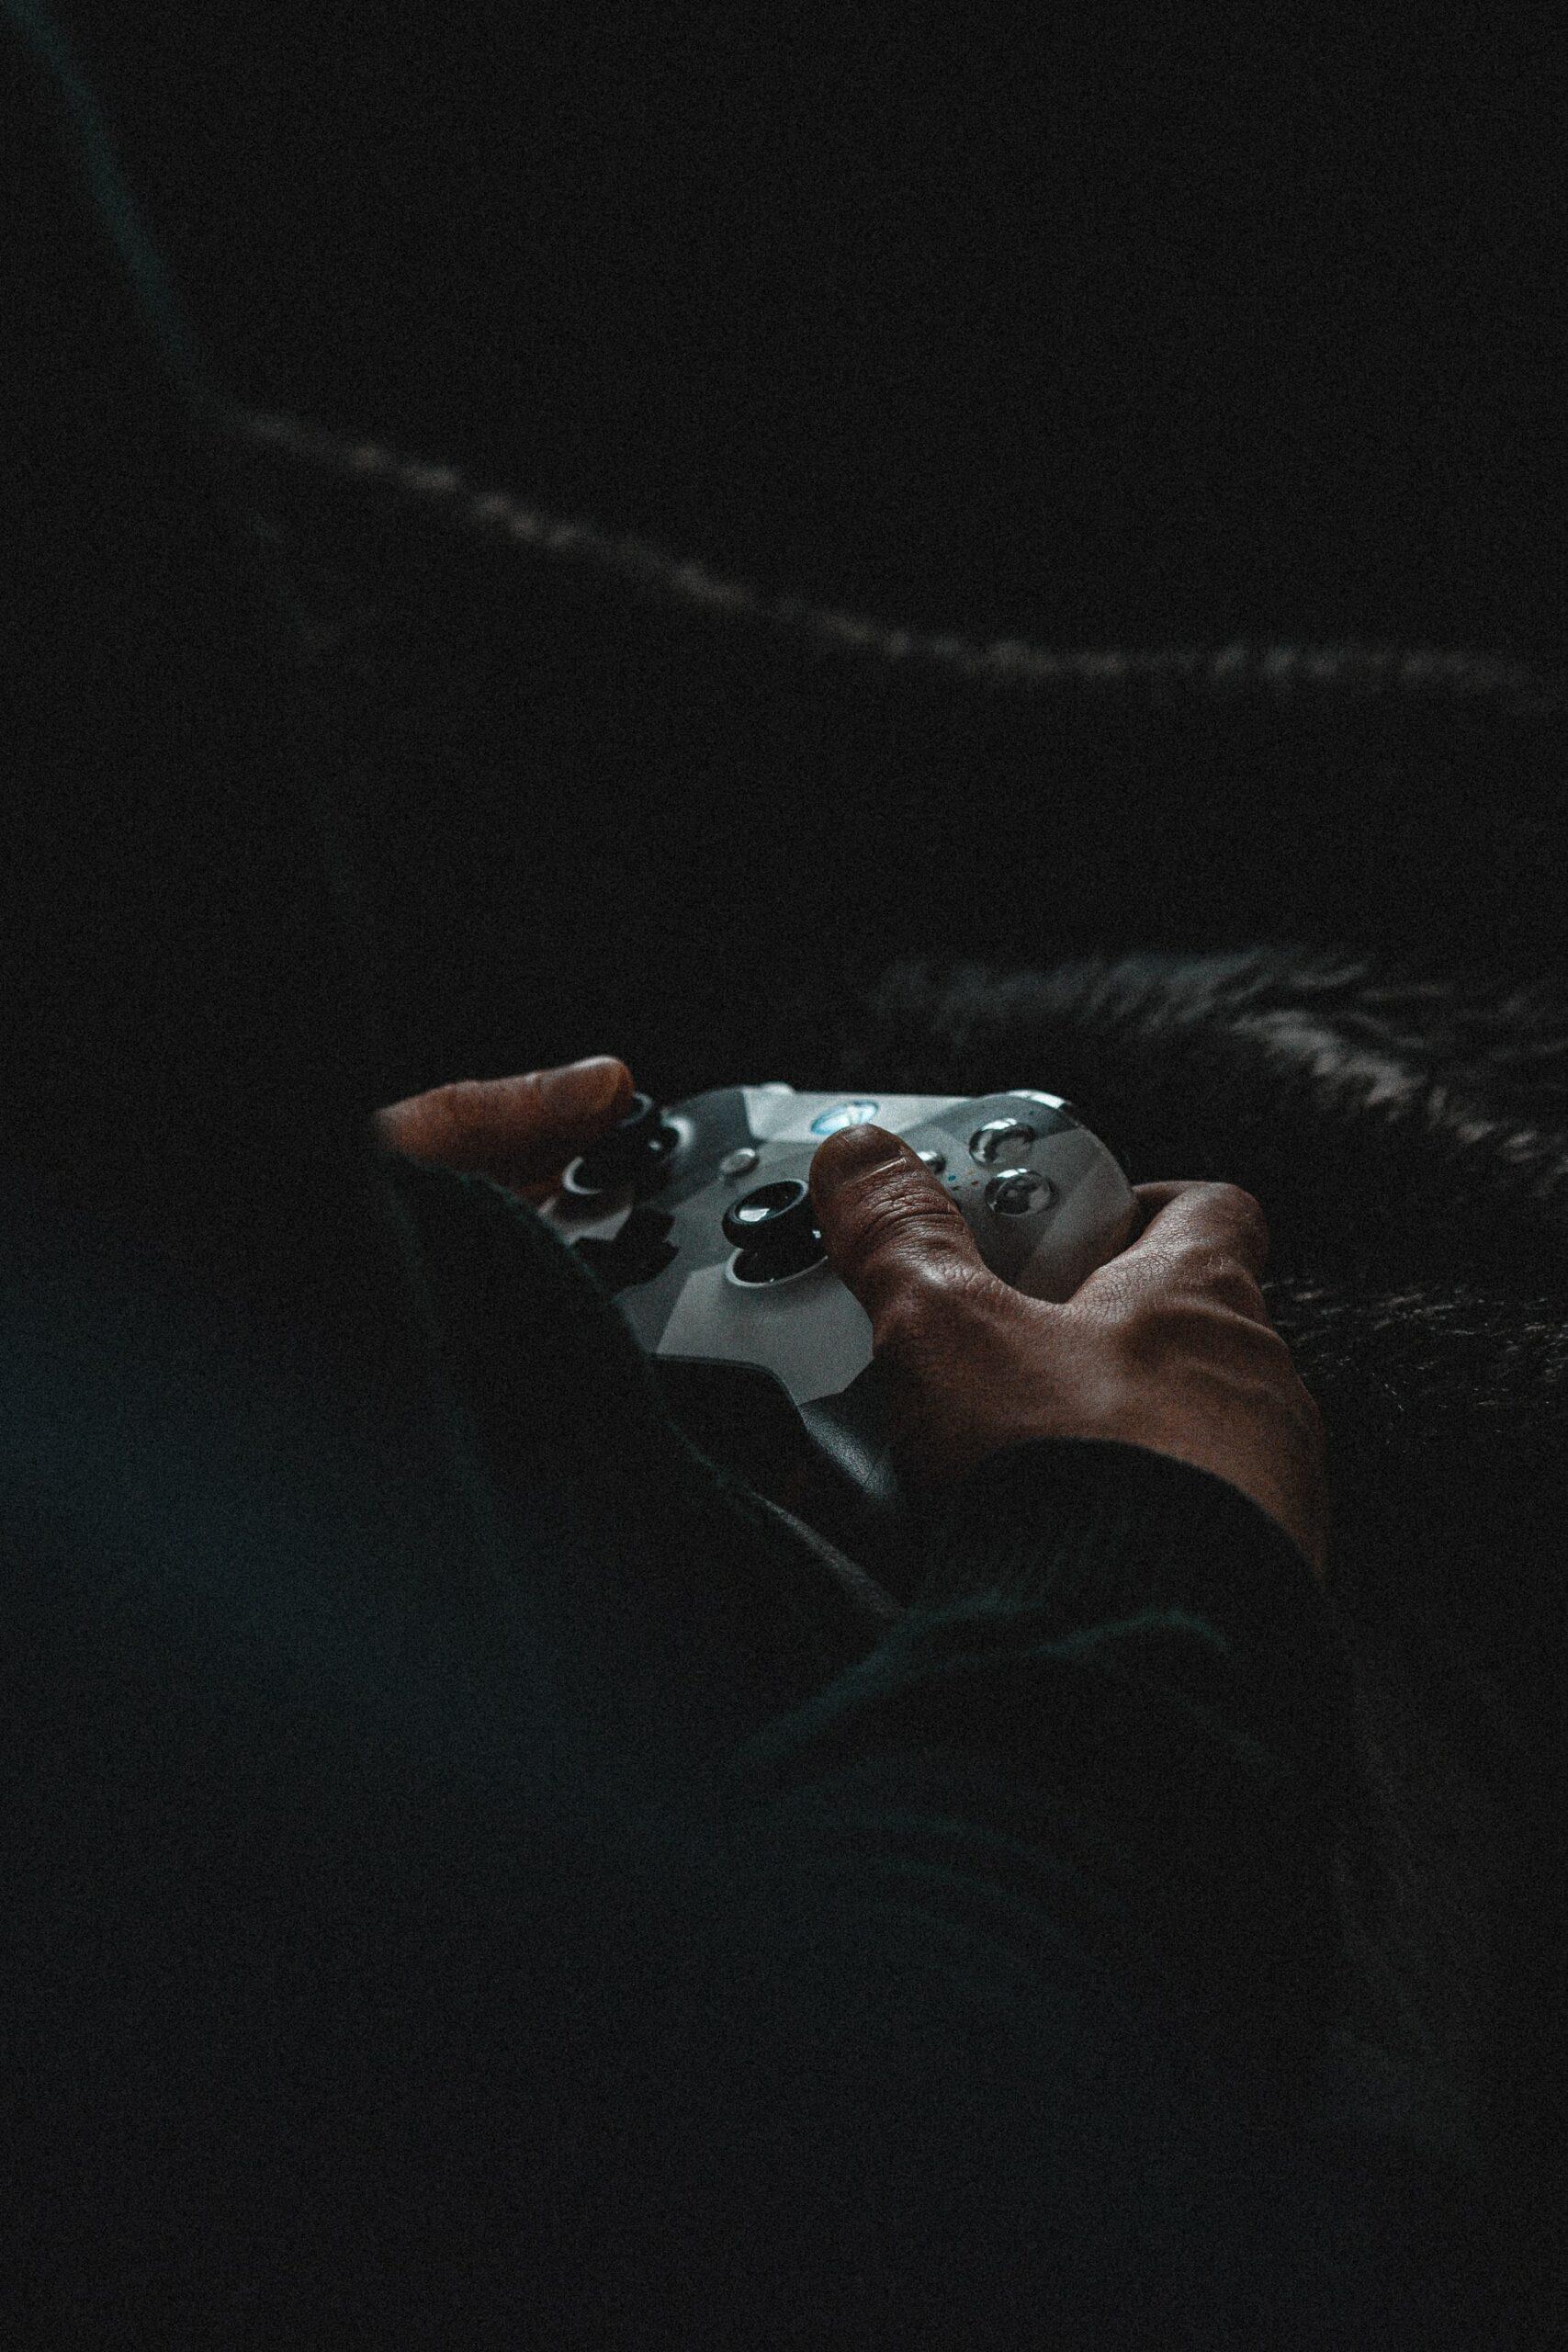 Firewatch Steckbrief – Spielverlauf, Handlung